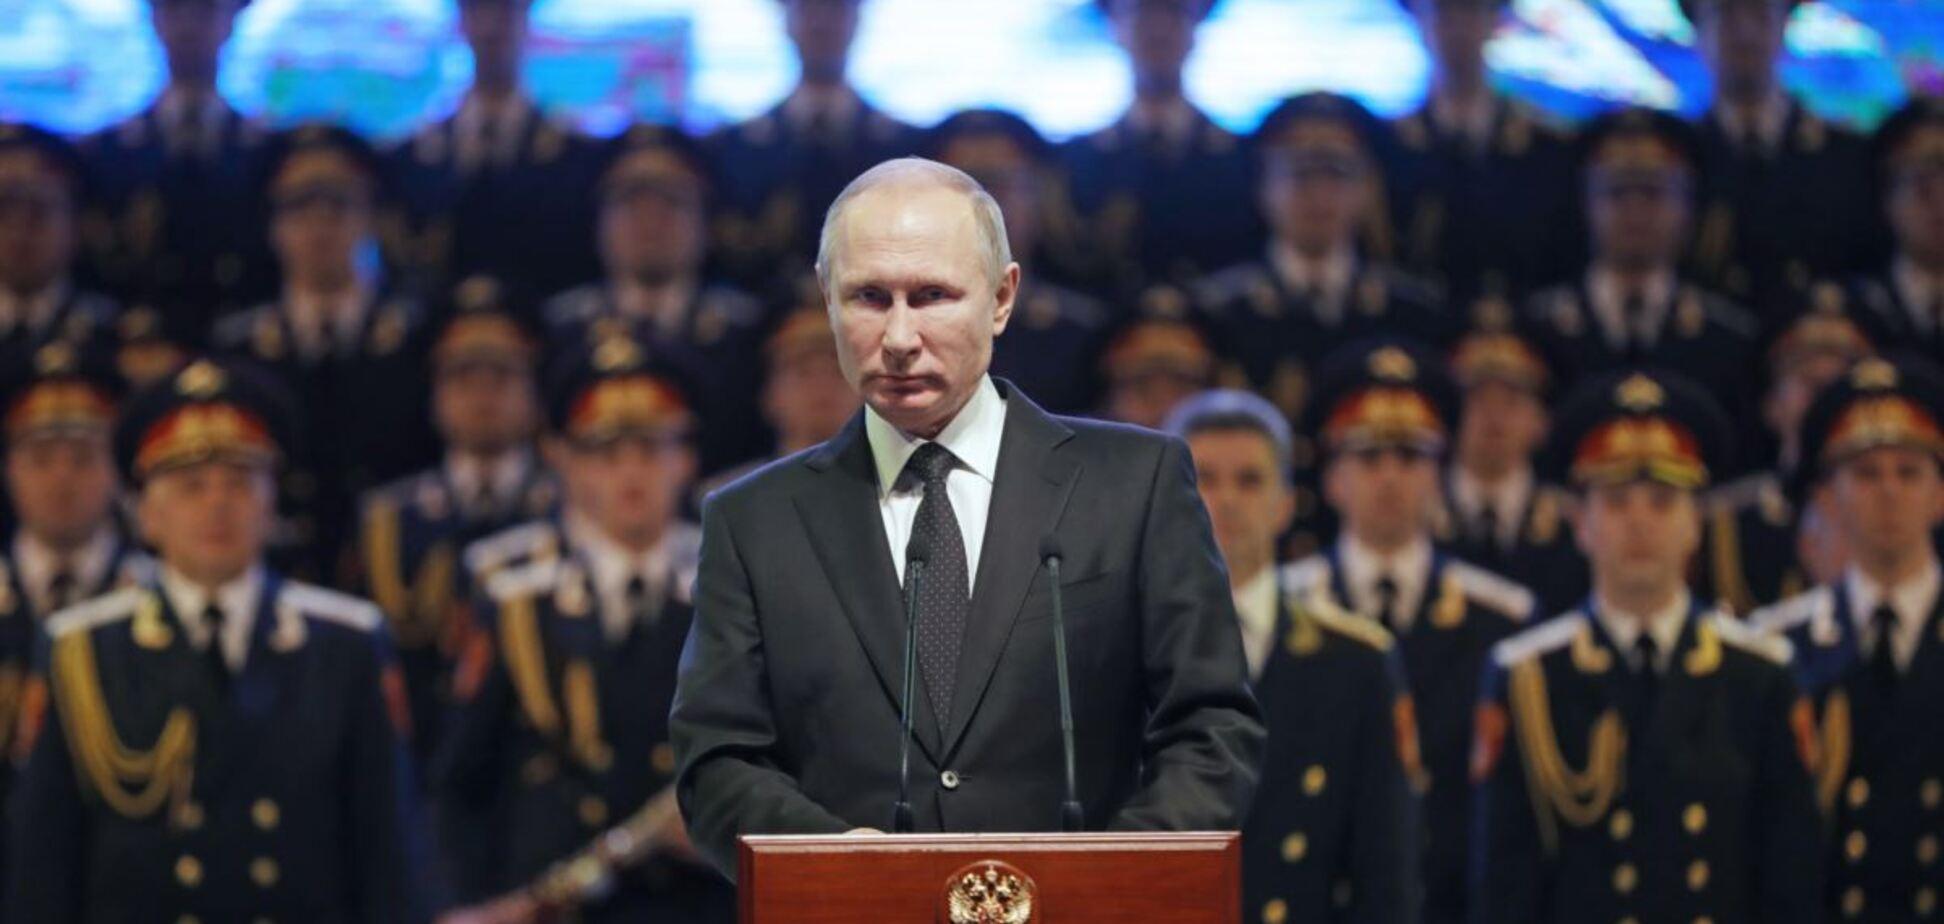 Як Сталін: журналіст з РФ озвучив сценарій смерті Путіна